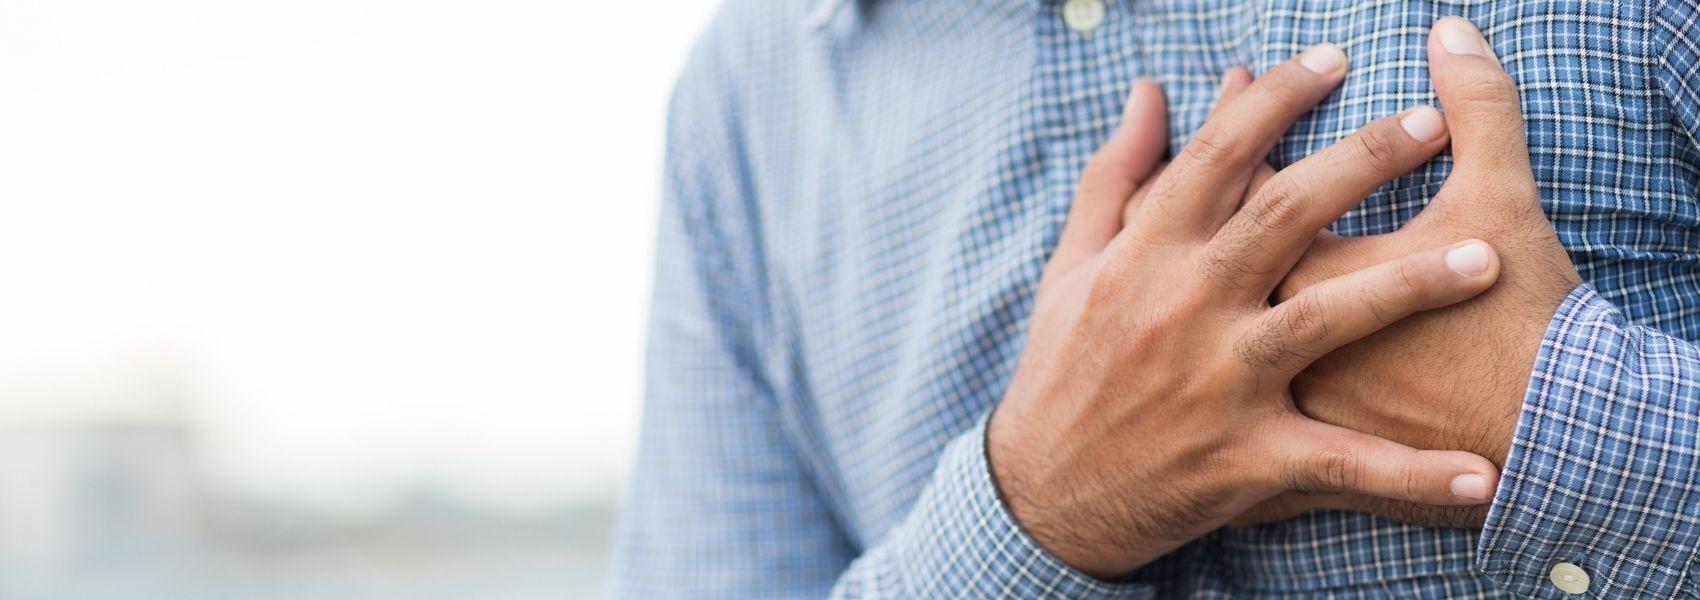 Uma em cada dez pessoas com paragem cardíaca ligou antes para os serviços de emergência